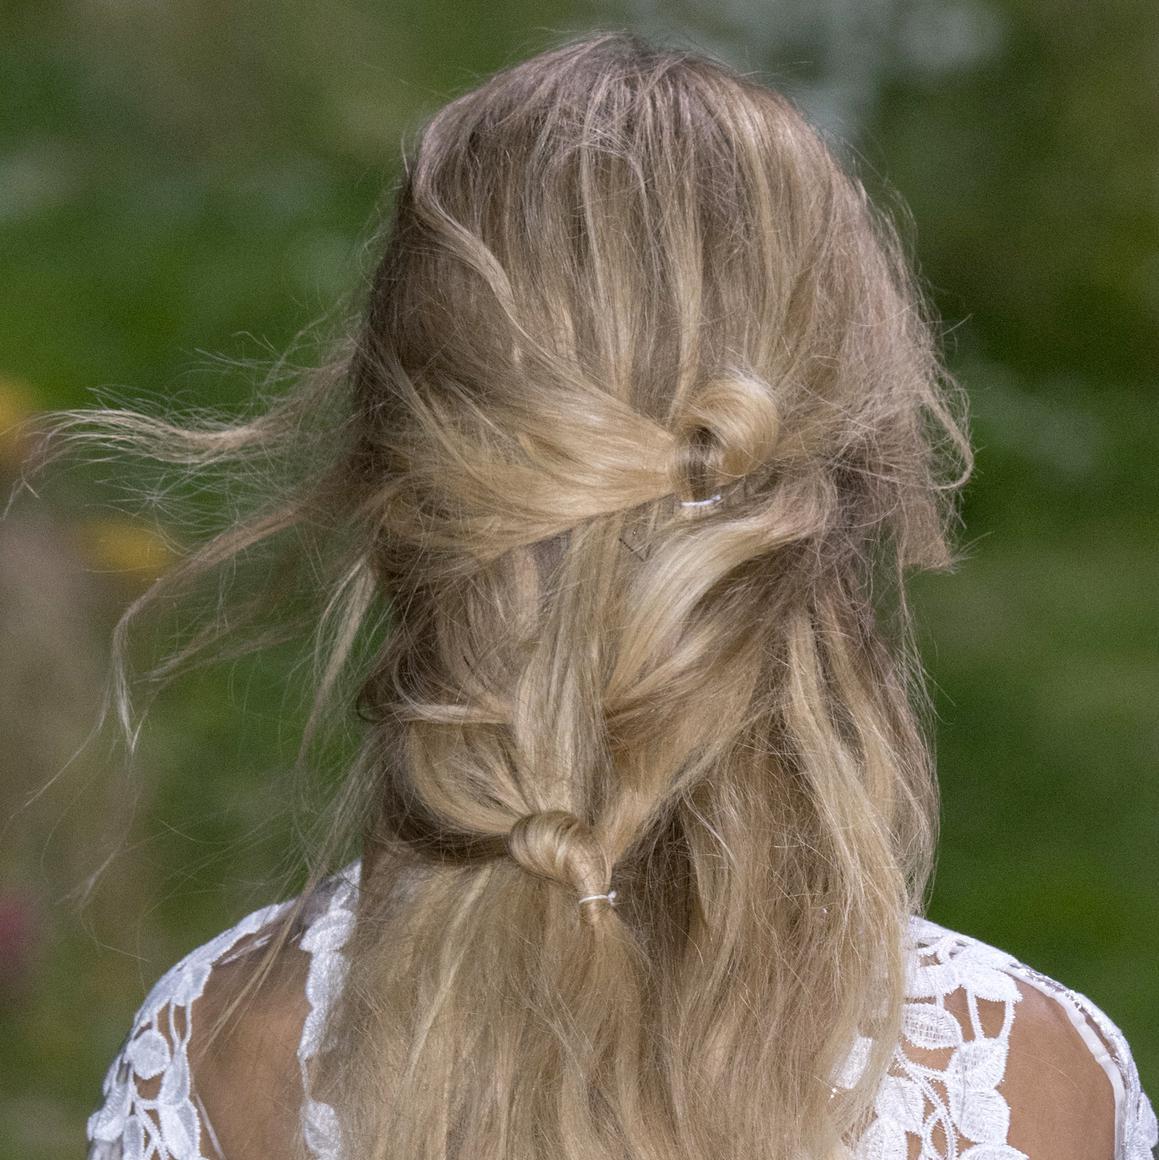 Coiffure noeud comment se faire une coiffure noeuds elle - Fabriquer une coiffeuse ...